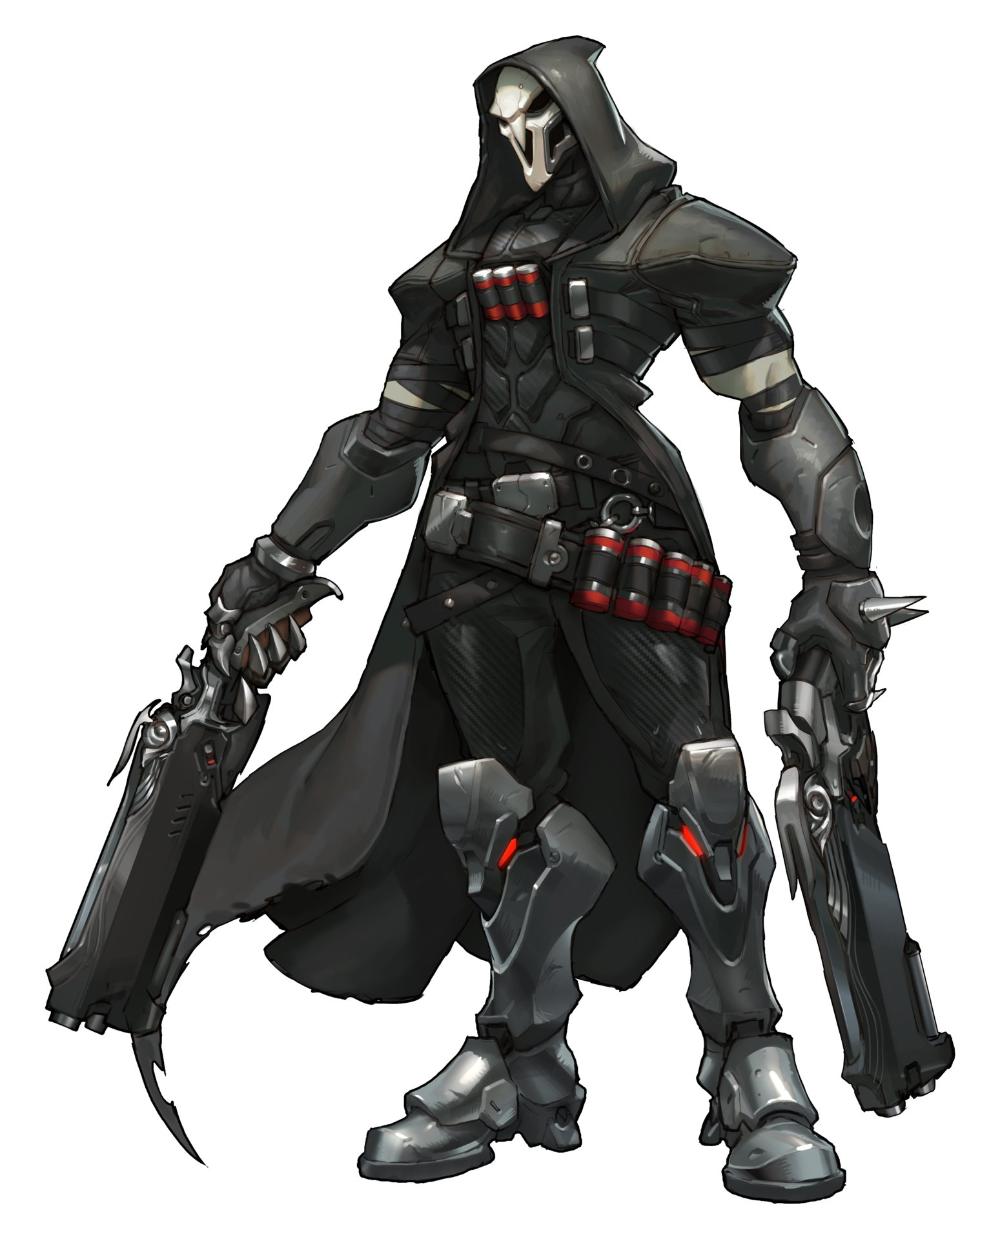 Artstation Overwatch Reaper Concept Arnold Tsang Overwatch Reaper Concept Art Characters Overwatch